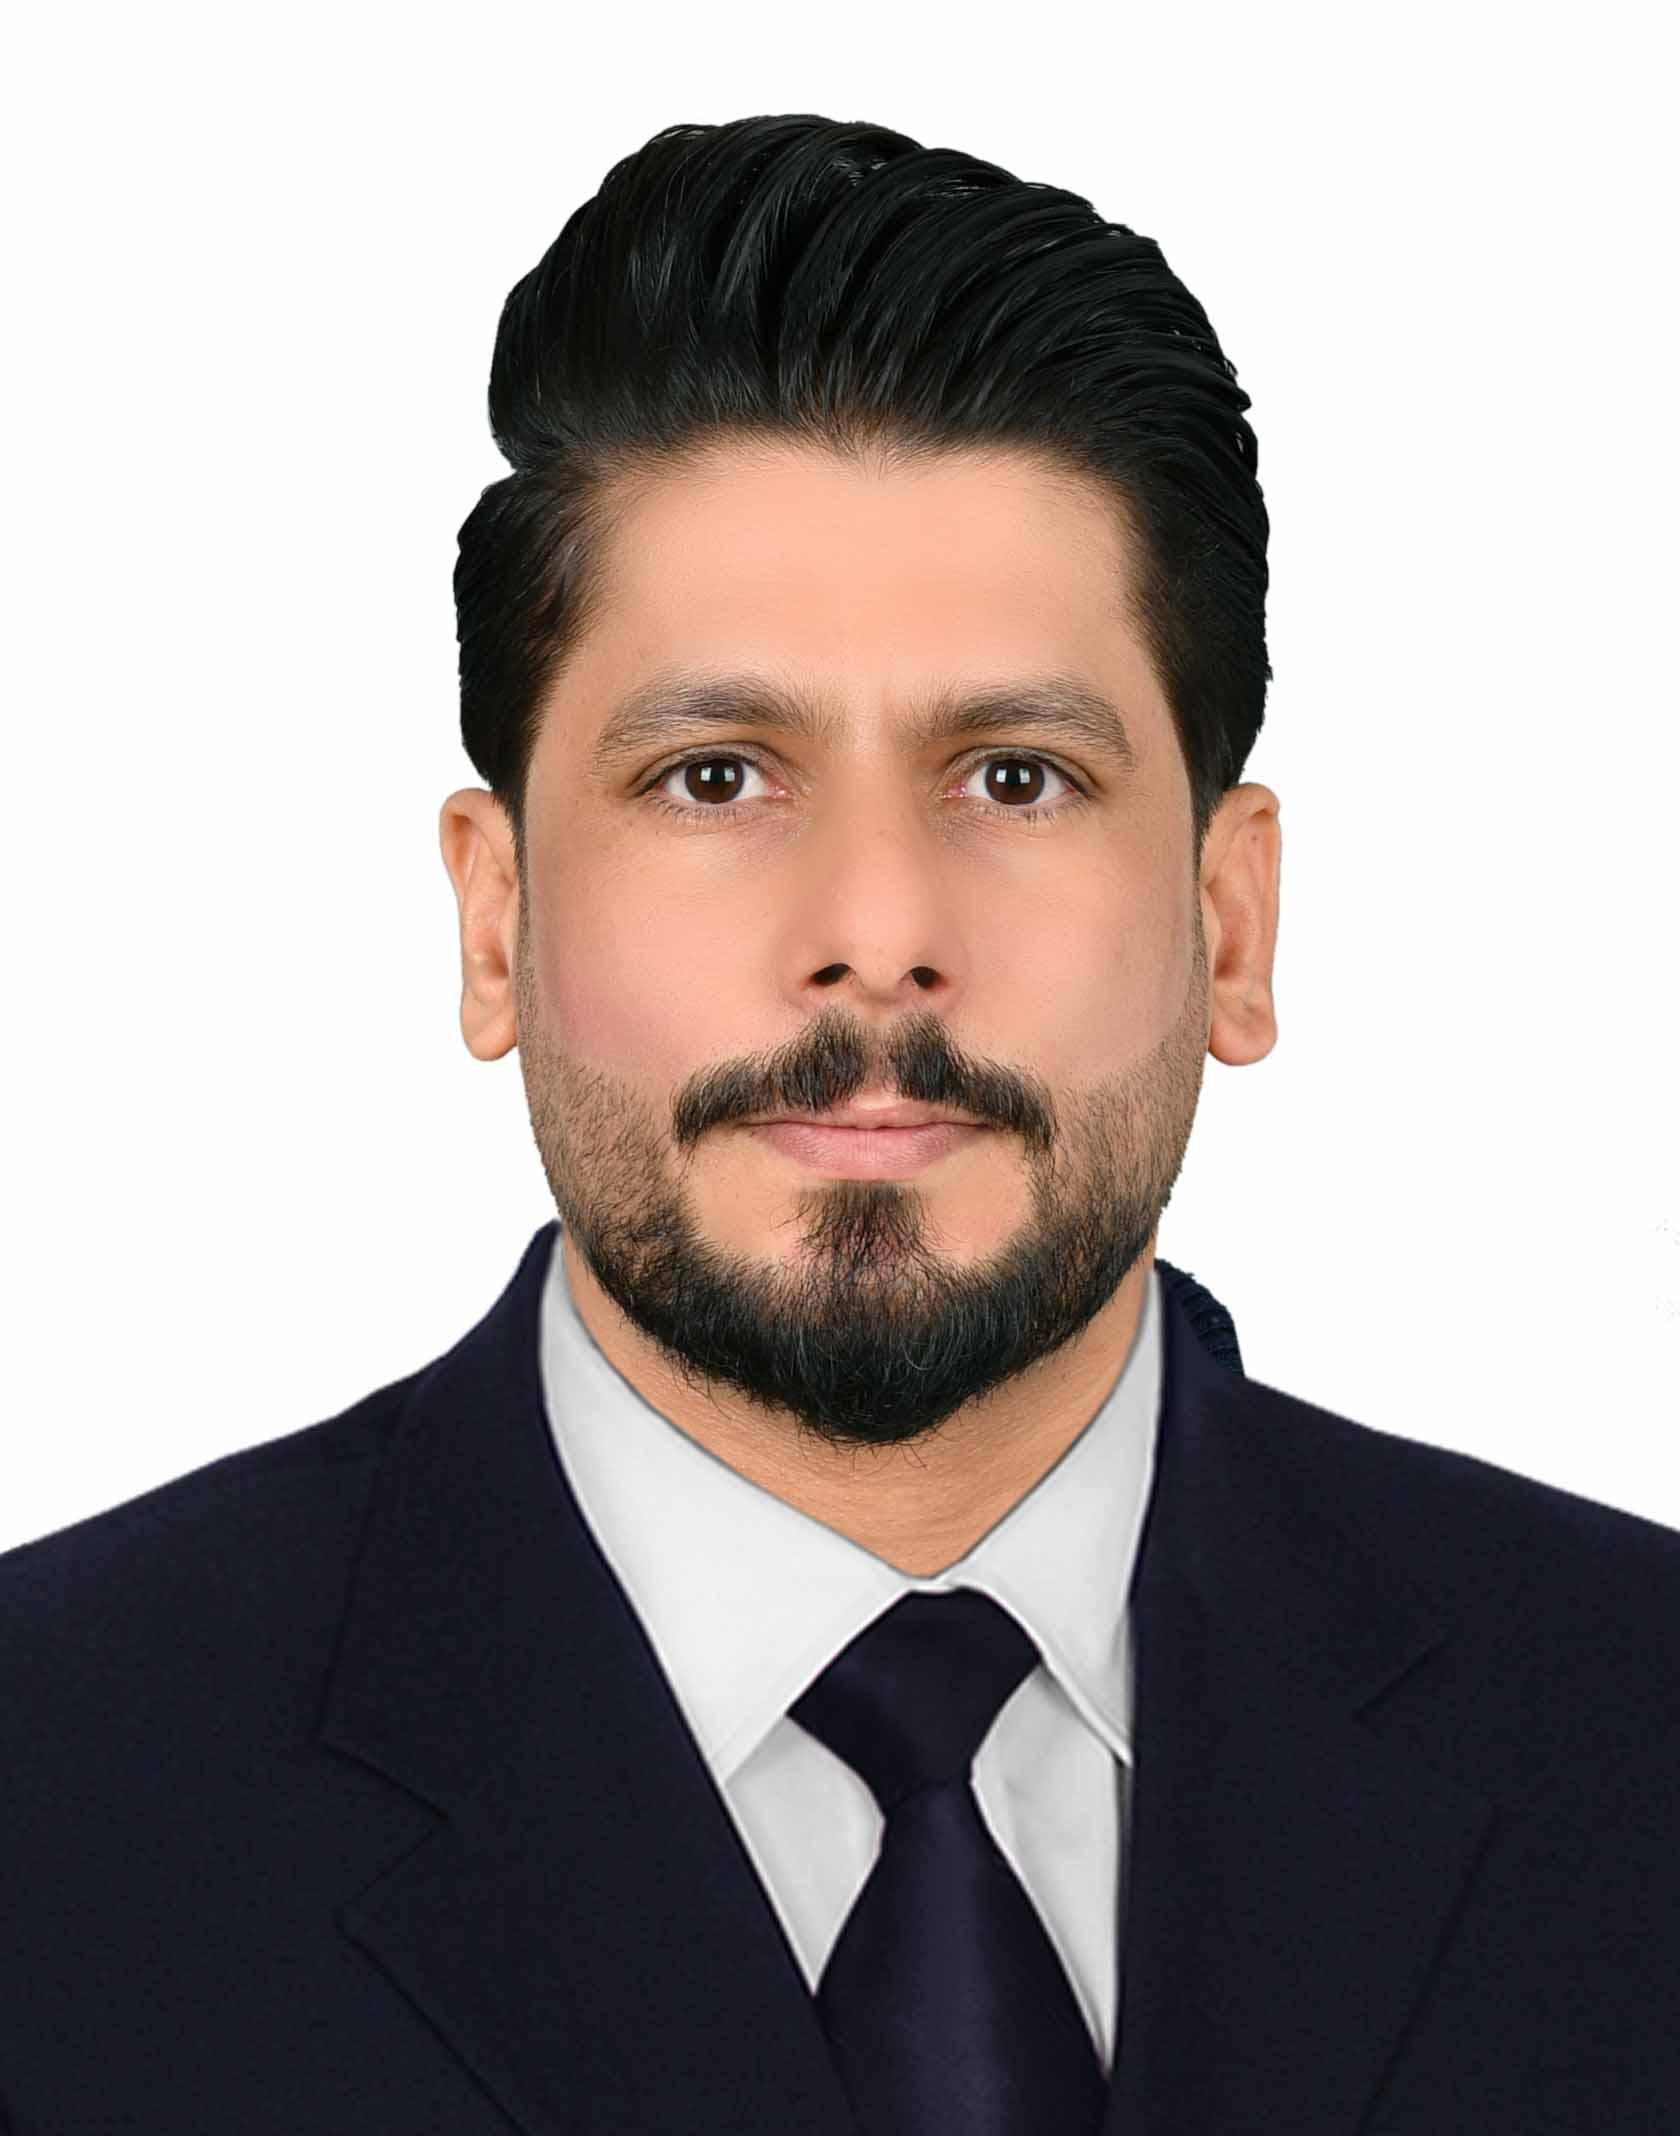 خالد جمال جداع – Dr. Khalid Jamal